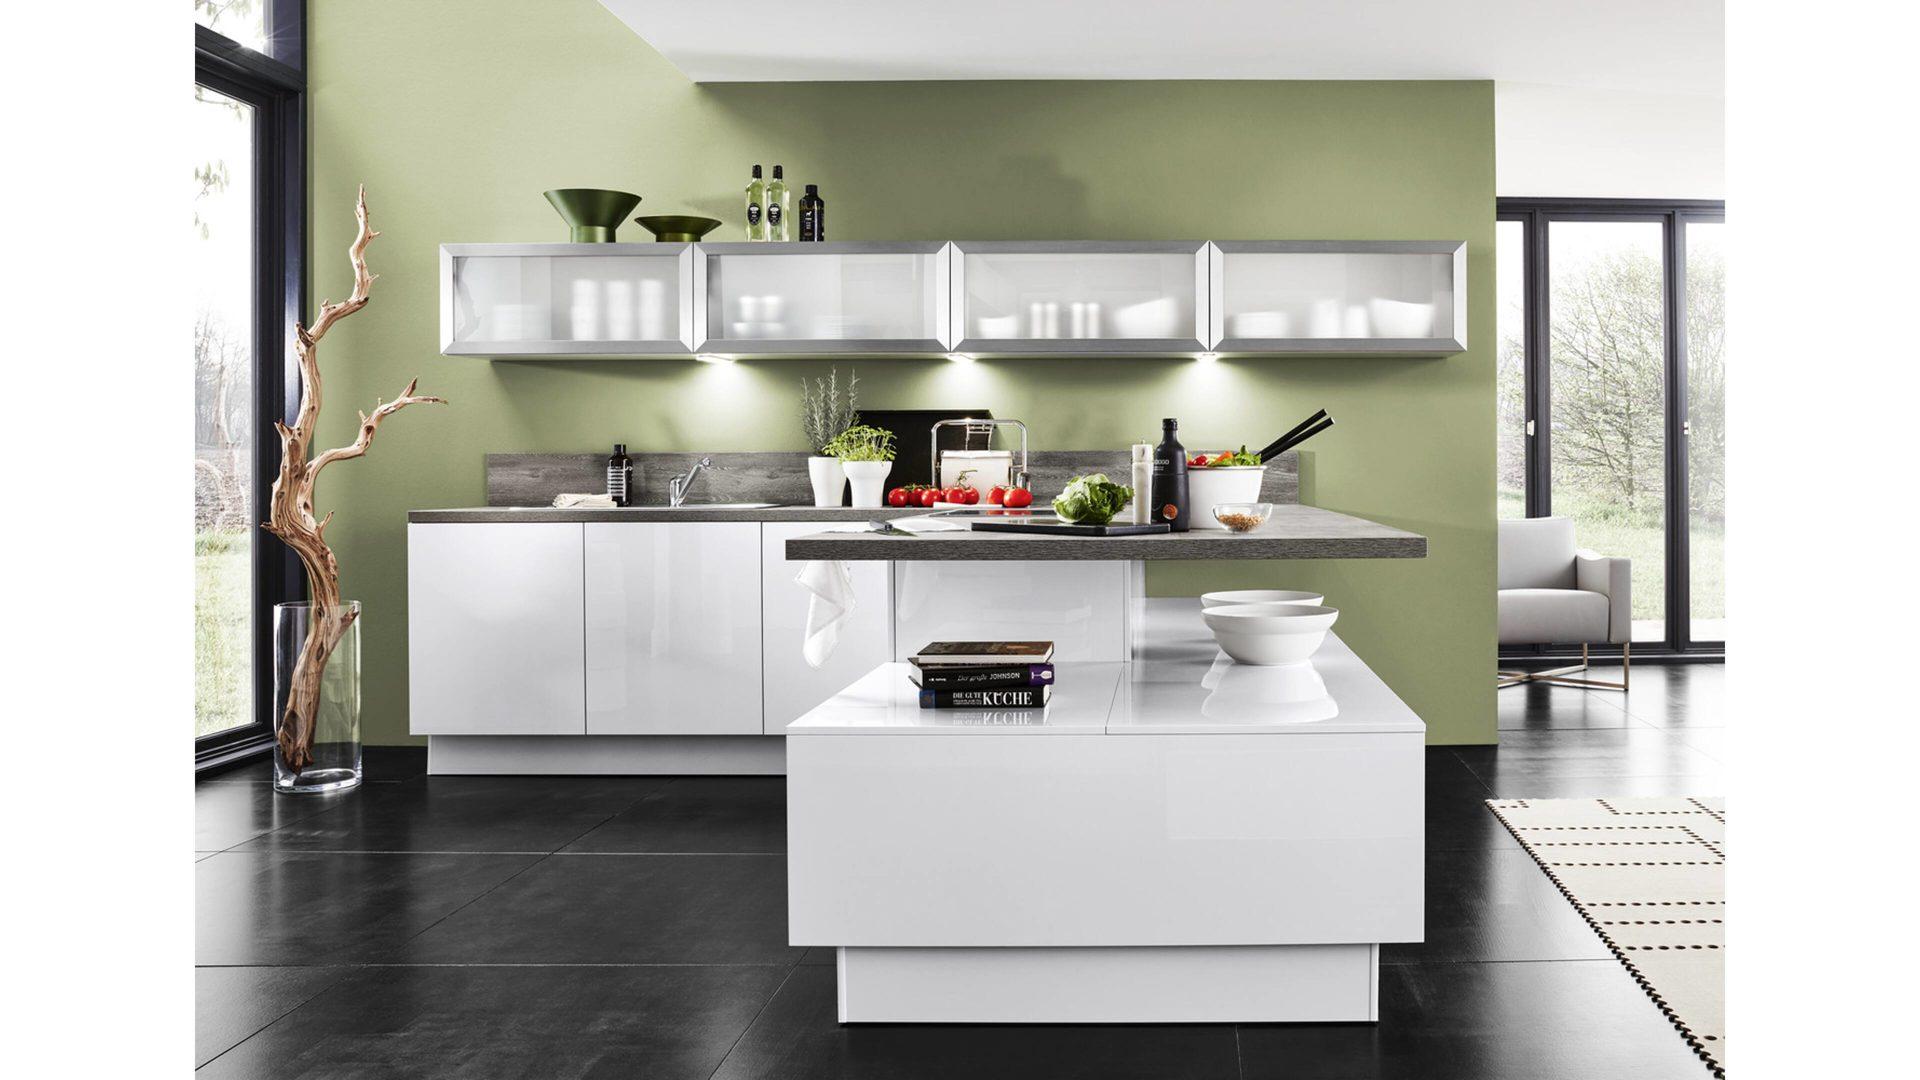 Berühmt Landhaus Küche Farbschemata Zeitgenössisch - Küchenschrank ...